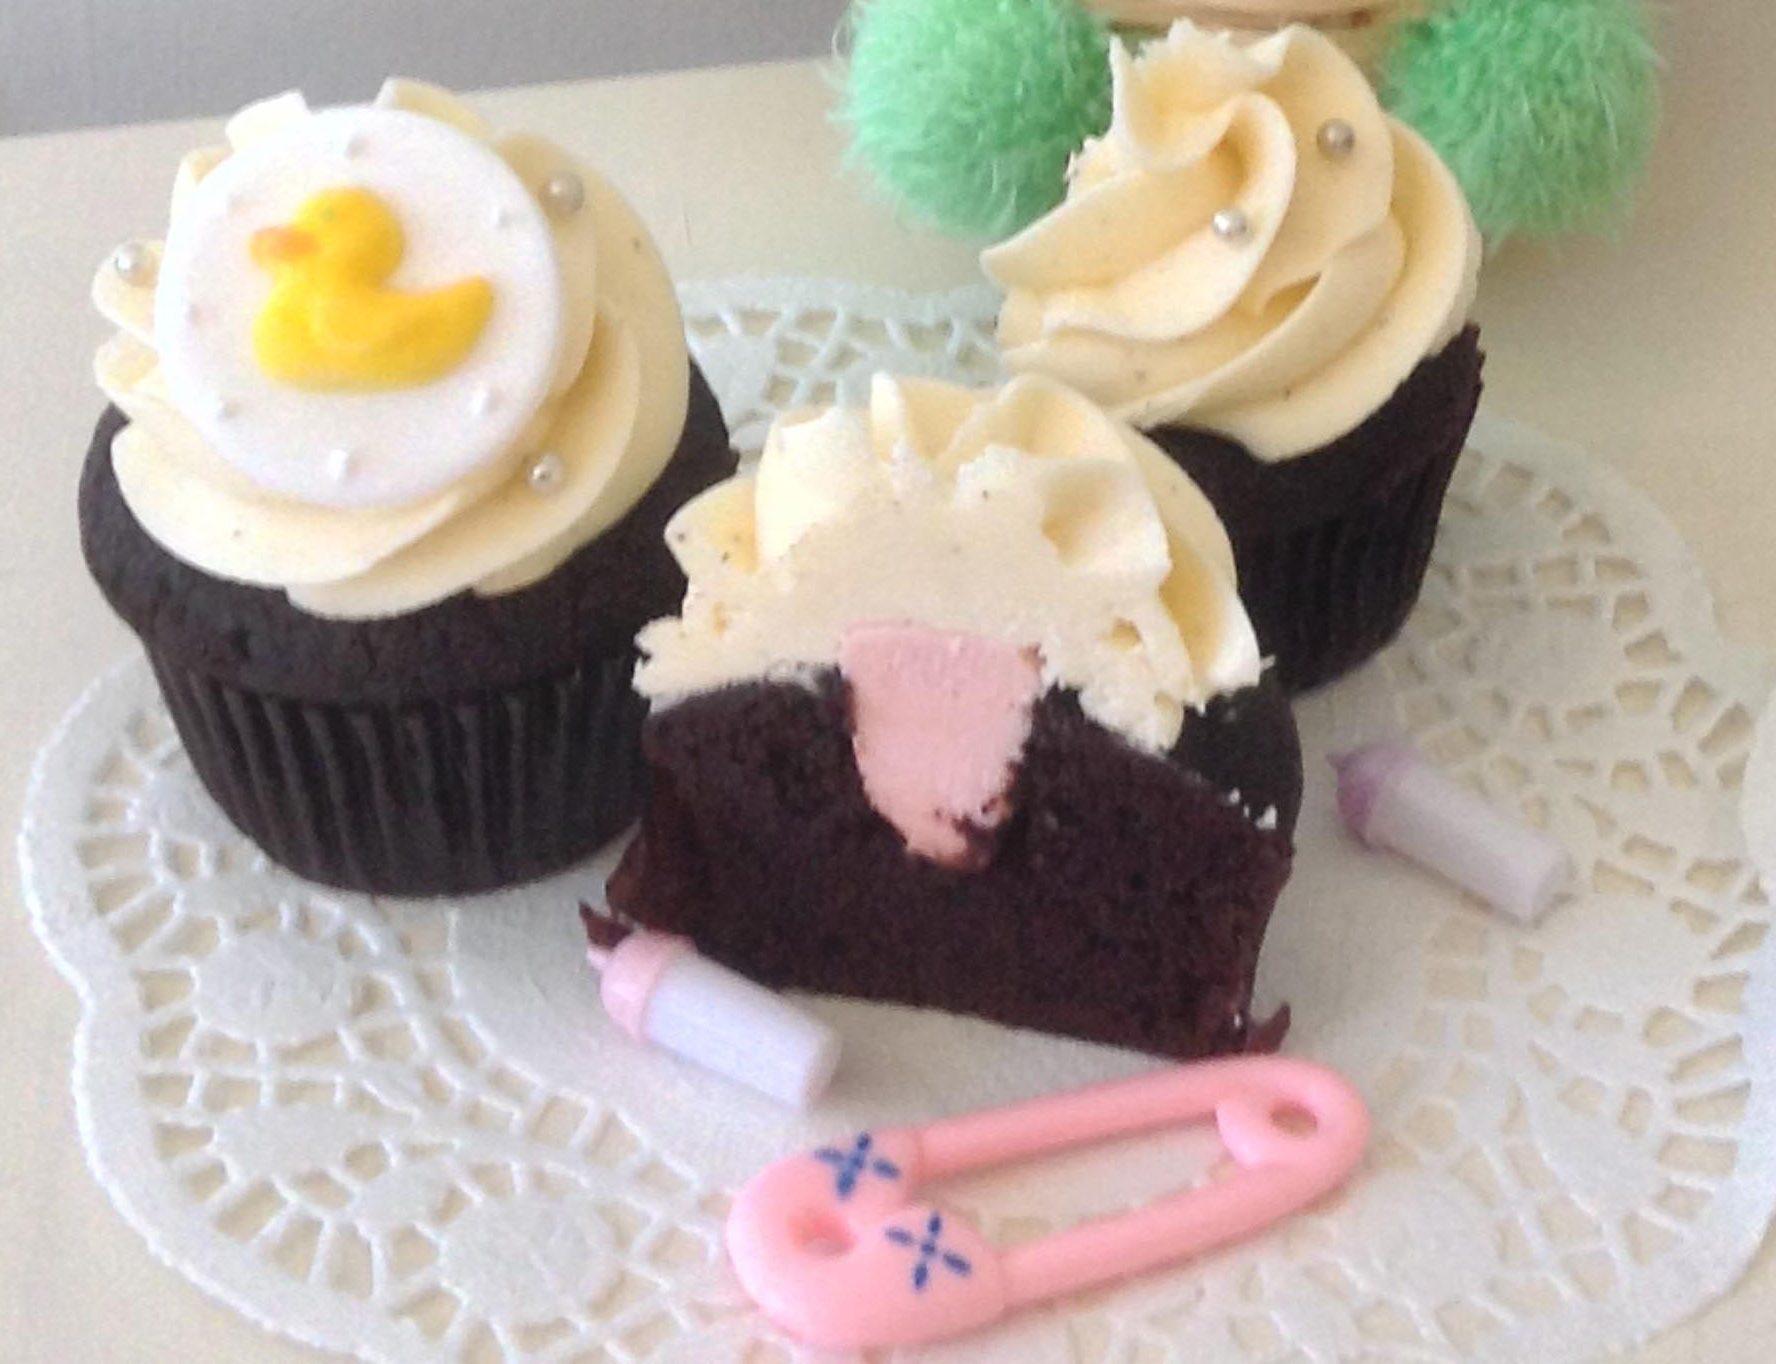 Petit gâteau annonce du sexe du bébé